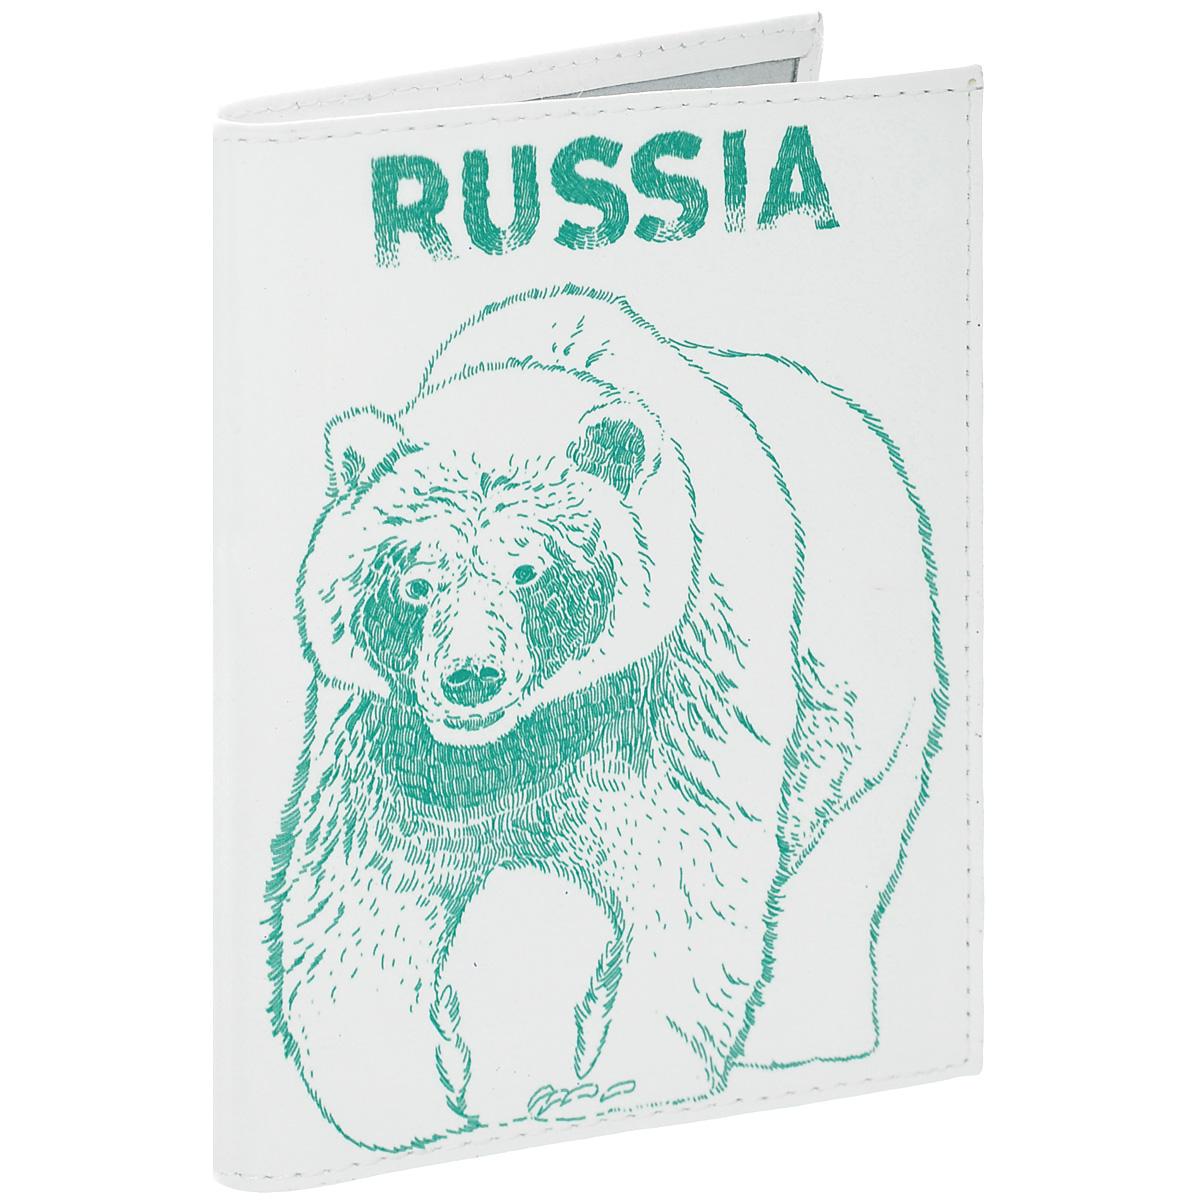 Обложка для автодокументов Медведь. AUTO301574.041.01 BlackОбложка для автодокументов Mitya Veselkov Медведь изготовлена из натуральной высококачественной кожи и оформлена изображением медведя и надписью Russia. На внутреннем развороте имеются съемный блок из шести прозрачных файлов из мягкого пластика для водительских документов, а также два боковых кармашка для визиток или банковских карт. Стильная обложка не только поможет сохранить внешний вид ваших документов и защитить их от грязи и пыли, но и станет аксессуаром, который подчеркнет вашу яркую индивидуальность.